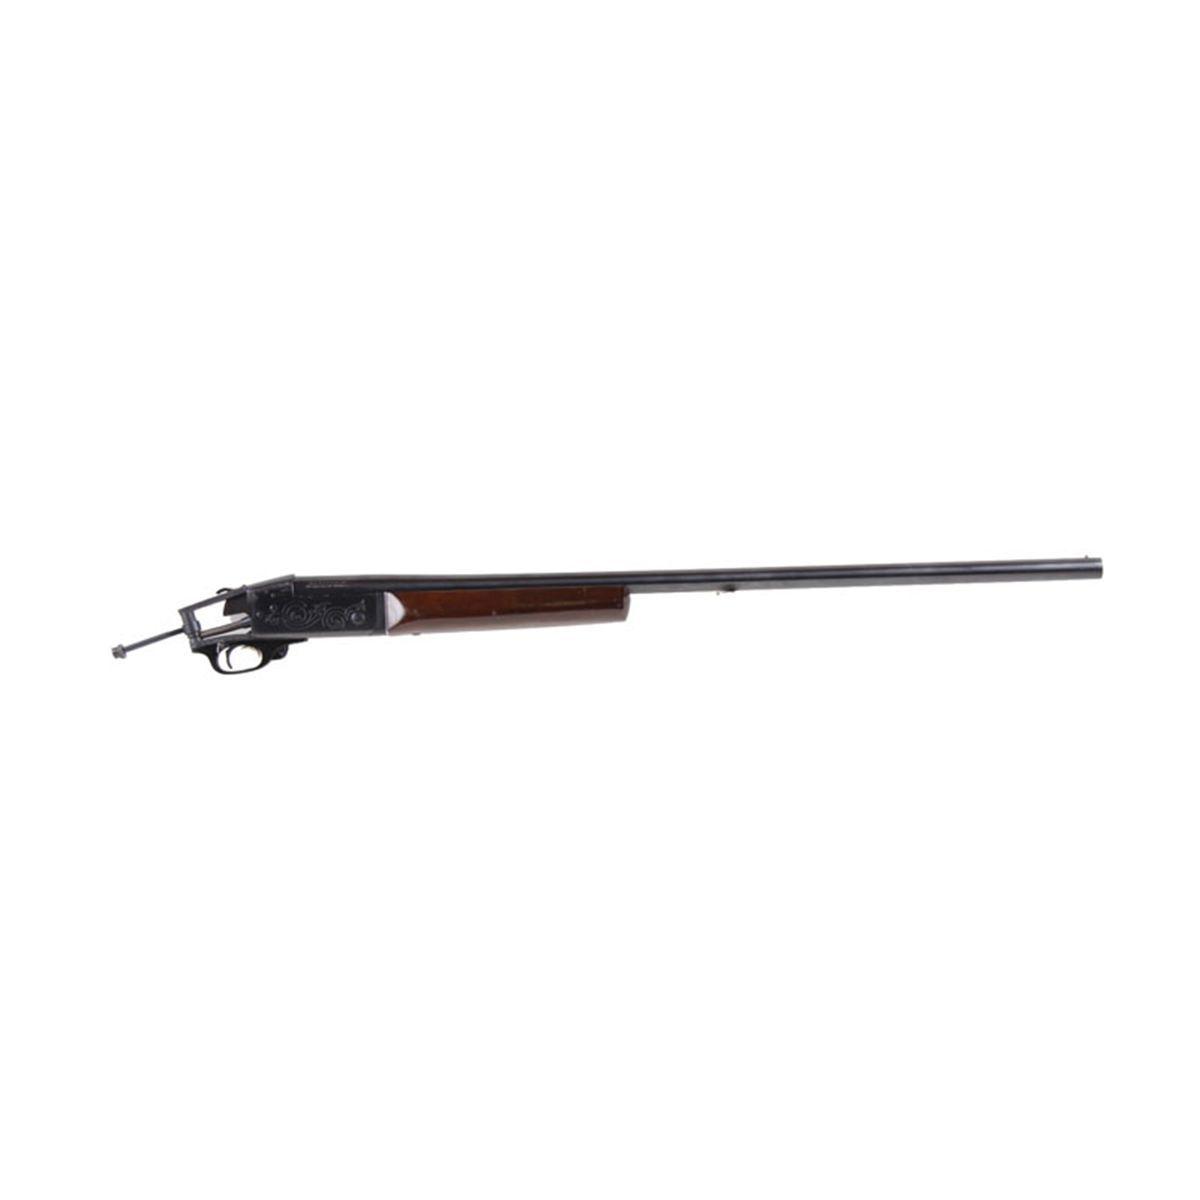 Disassembly Of Model 151 Cbc 12 Gauge  | S  S  Kresge Co  Shotgun